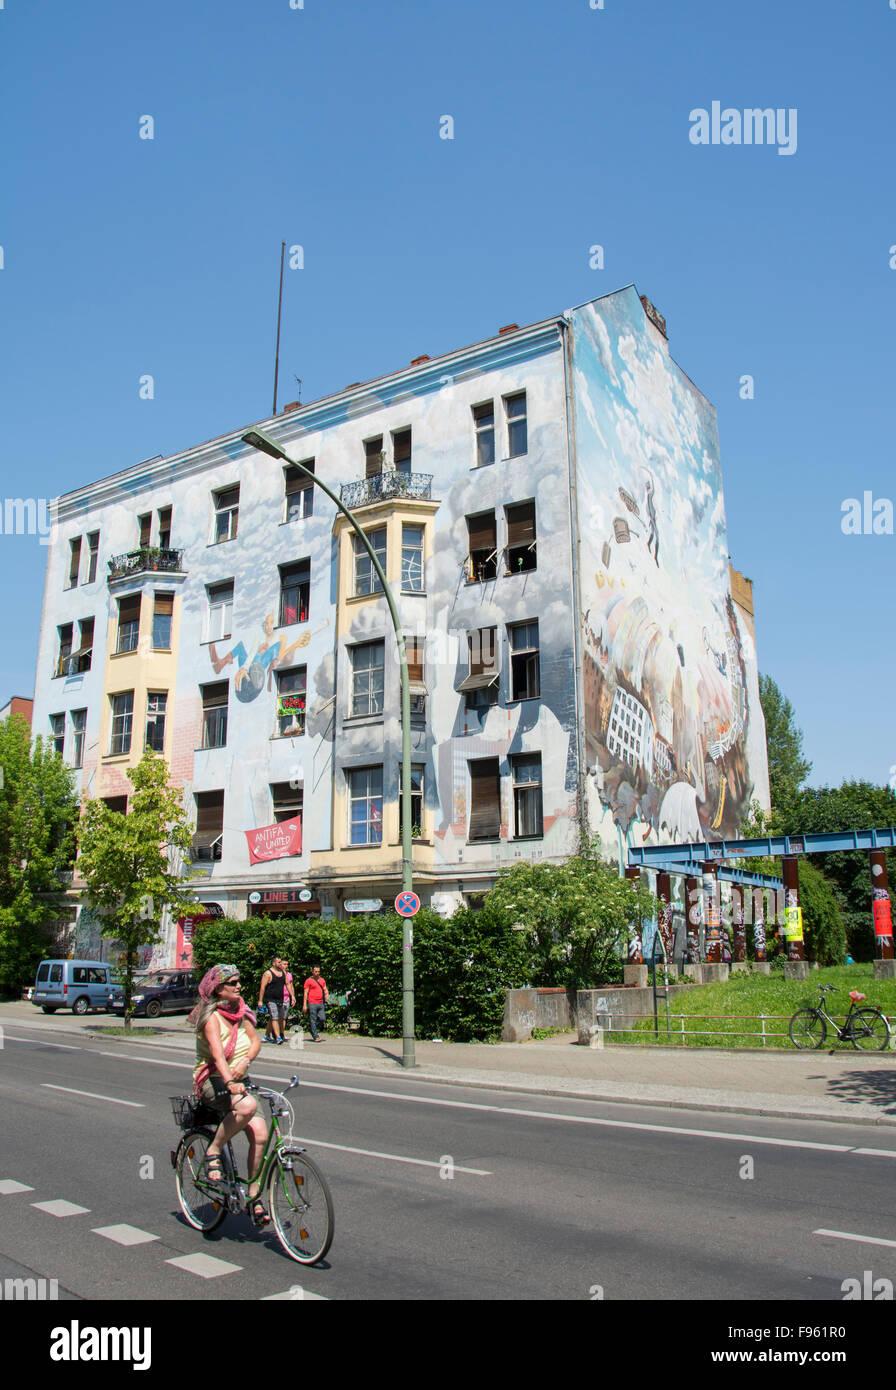 Urbane Kunst auf hocken Mietshaus wohnen, Berlin, Deutschland Stockbild